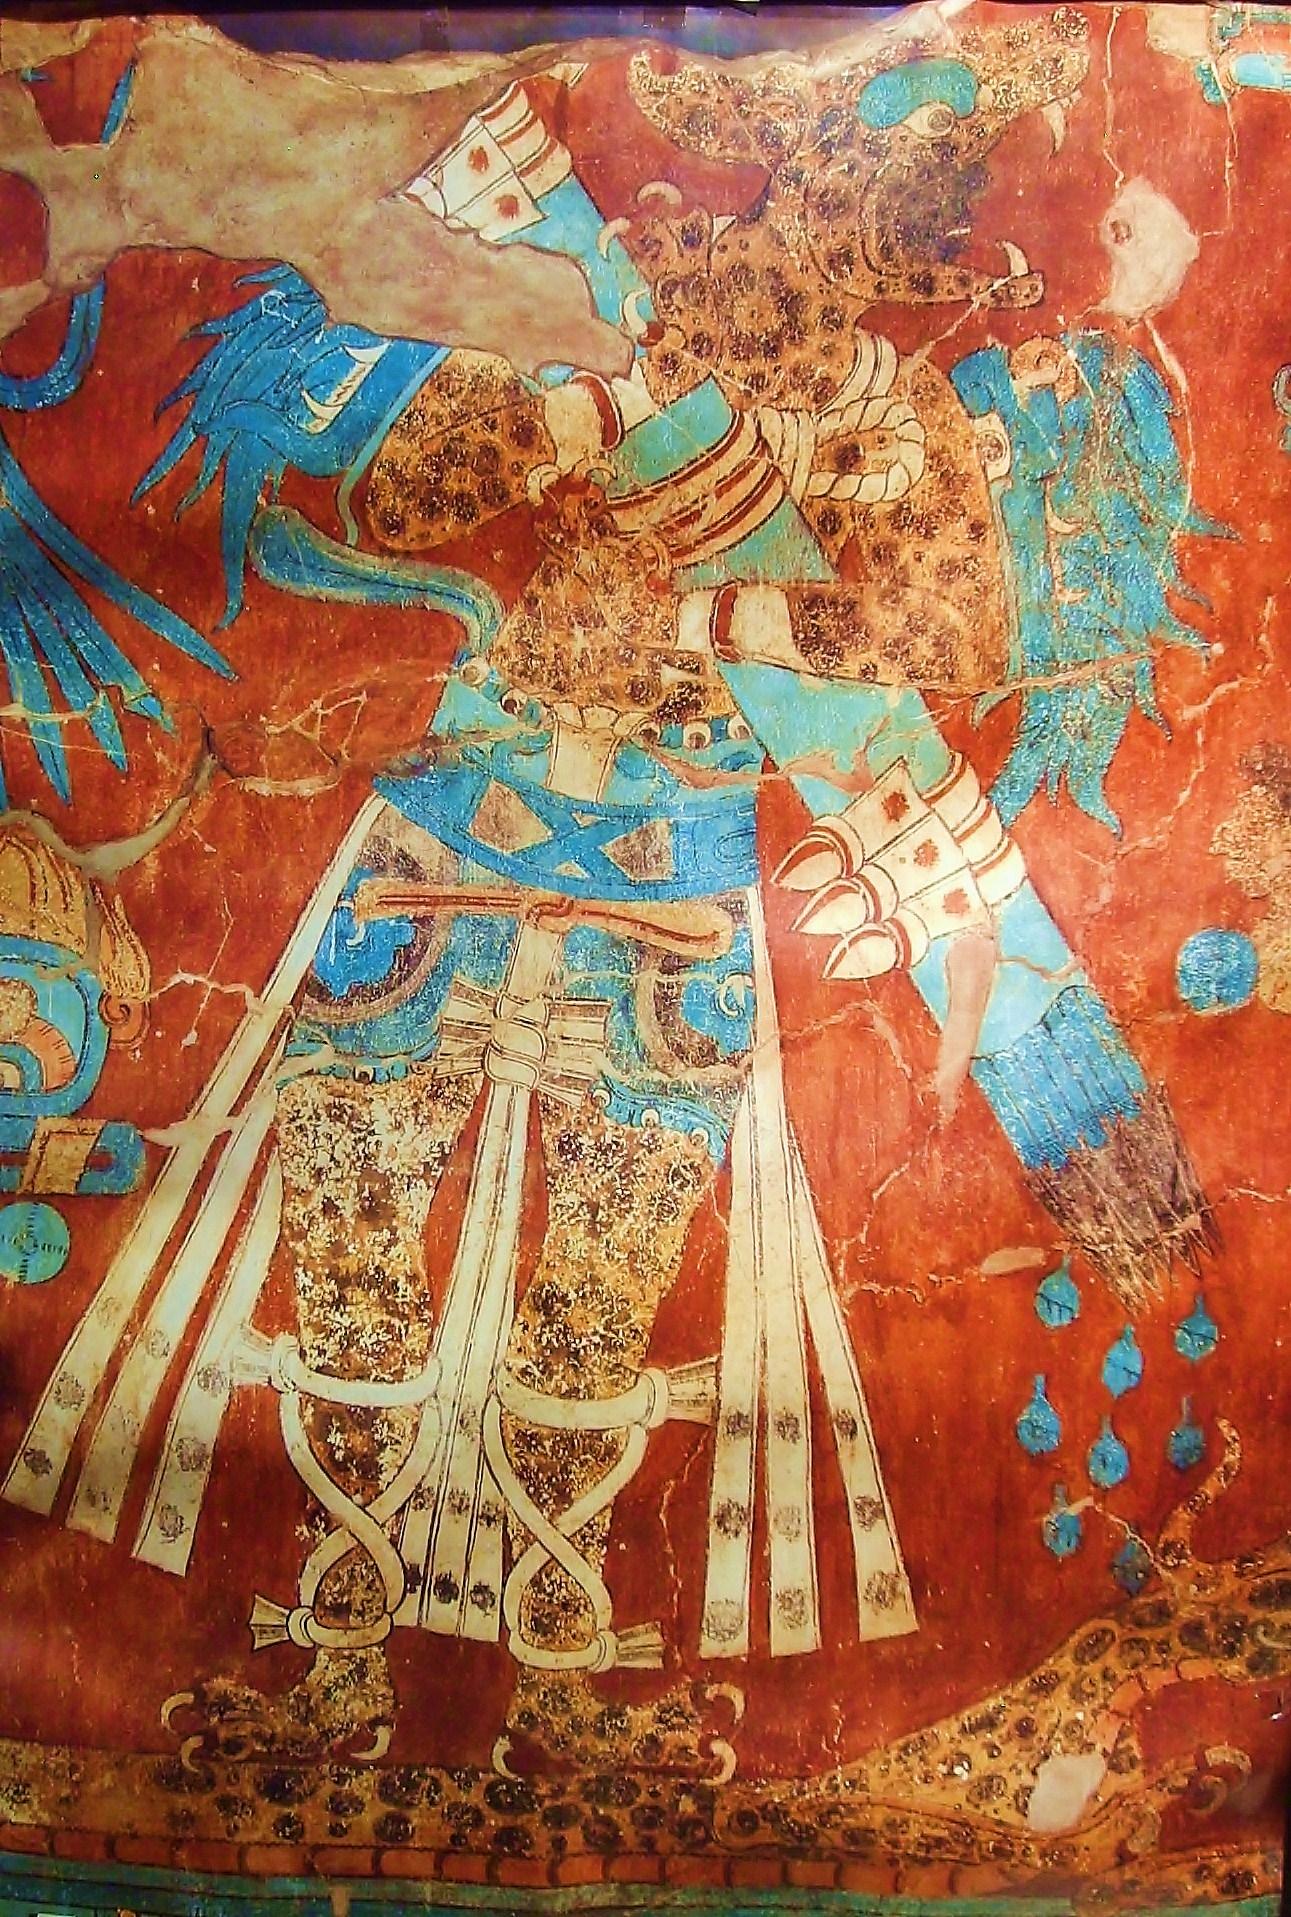 Cacaxtla Murals